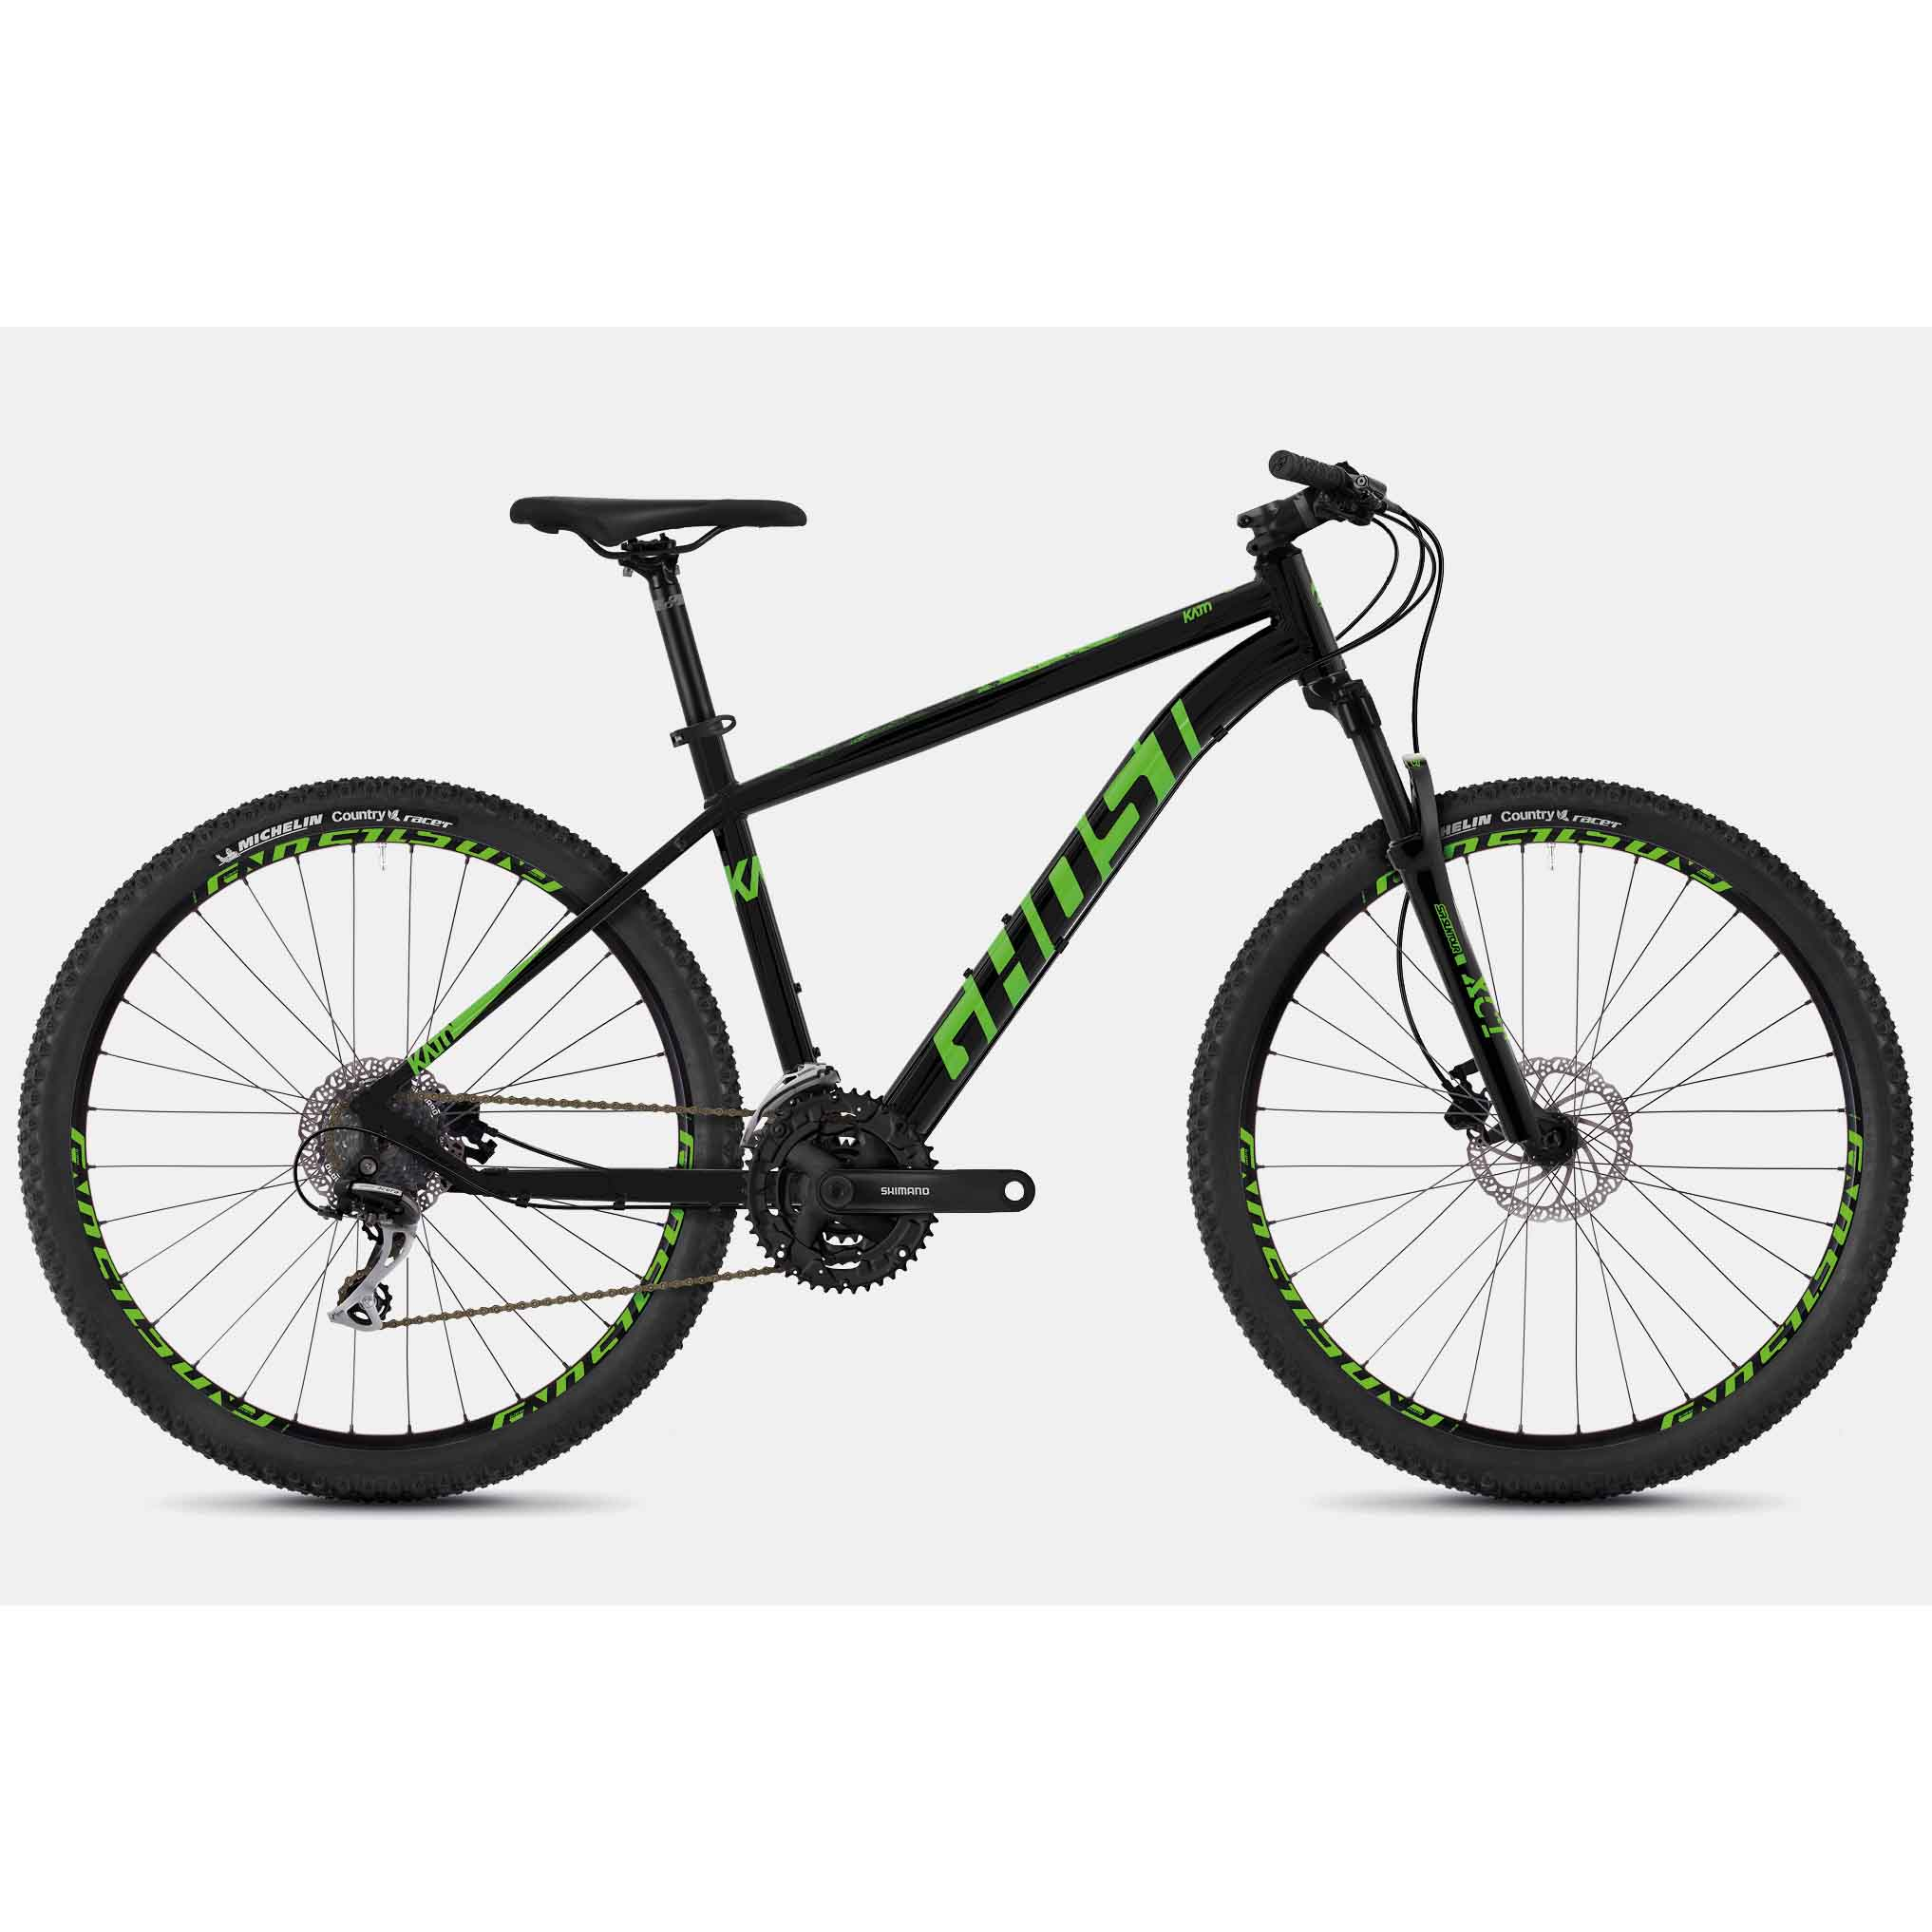 Фото Велосипед Ghost Kato 2.7 27,5″ черно-зеленый, L, 2019